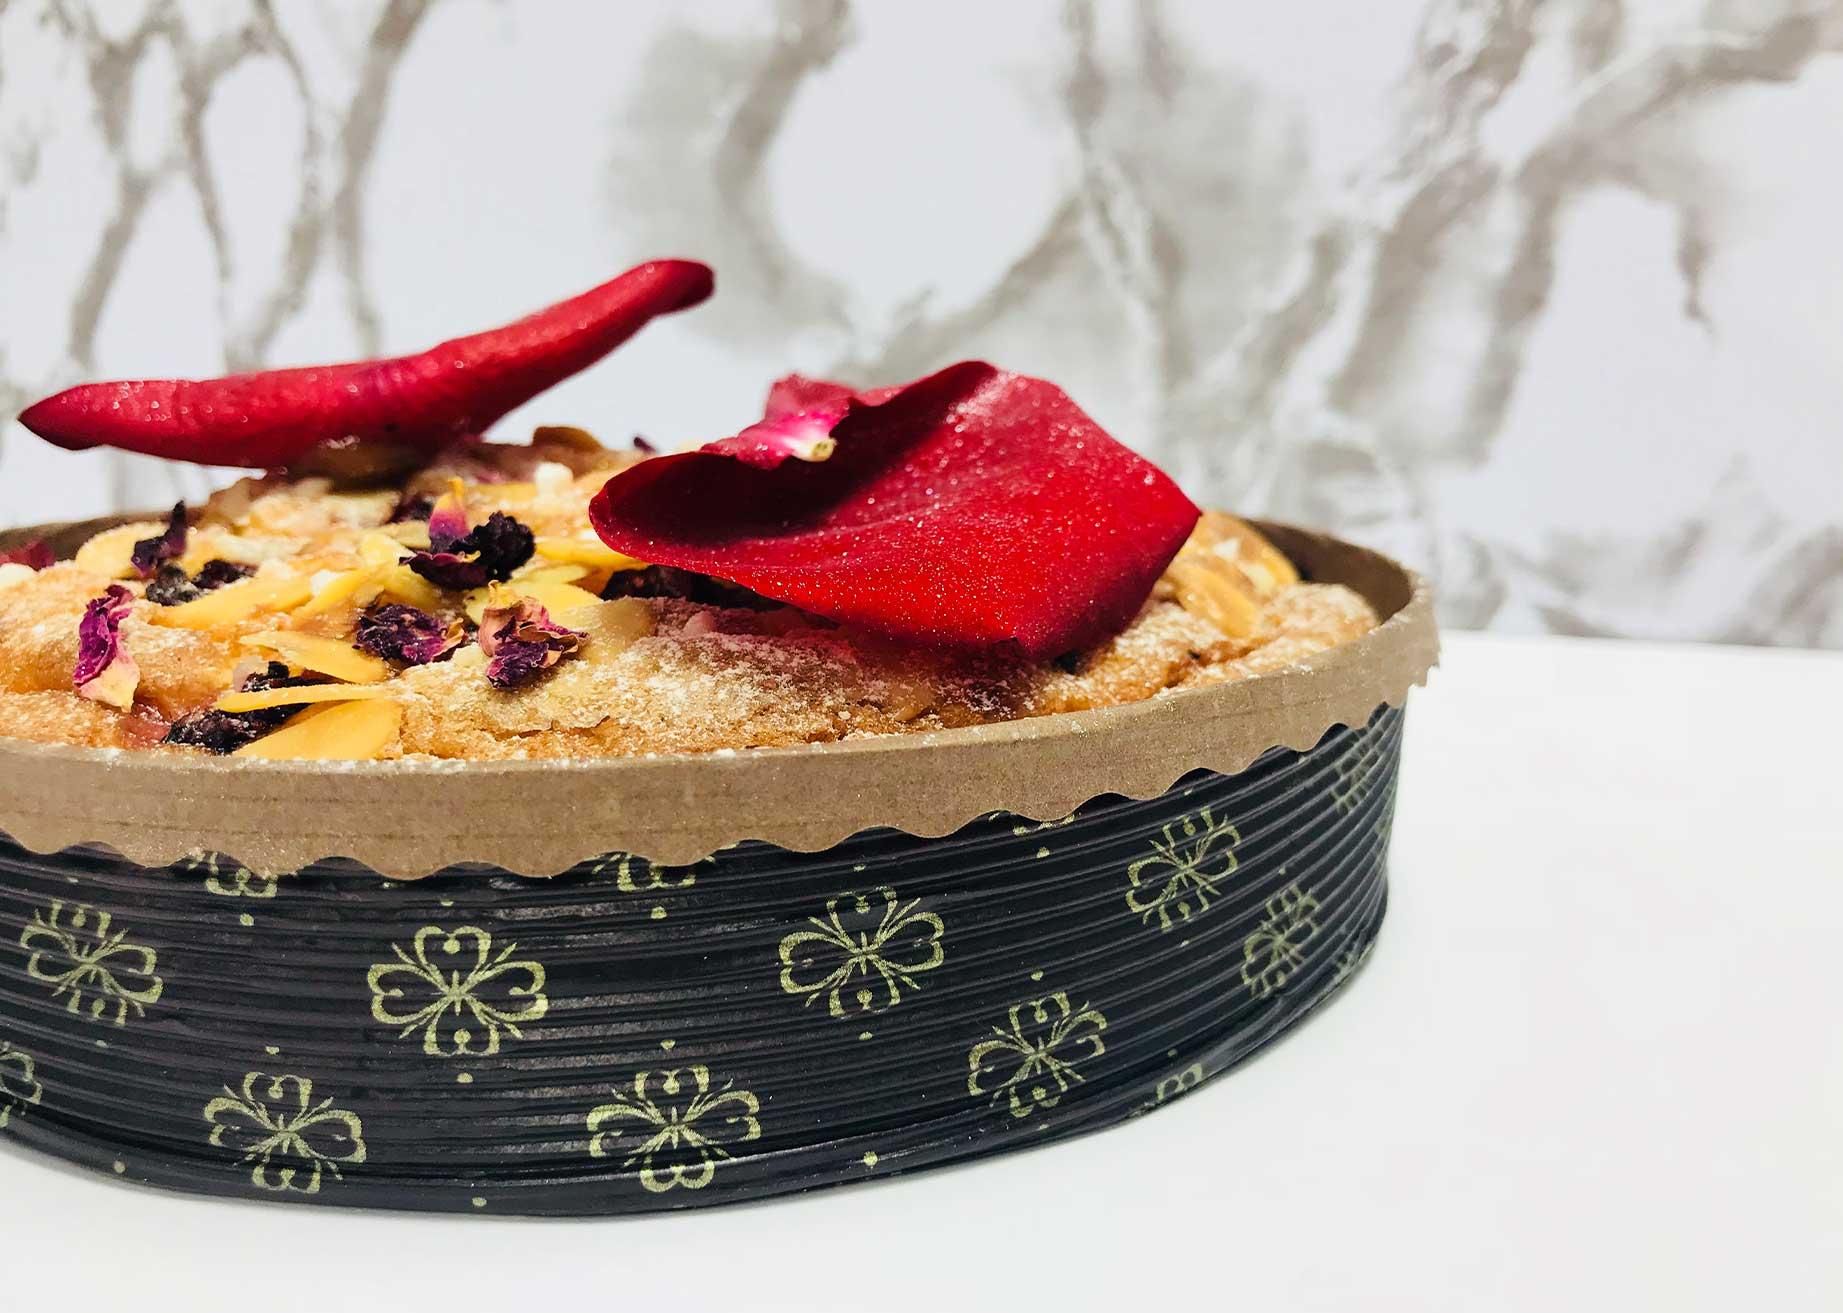 MBB Novacart mold and women's day almond tart